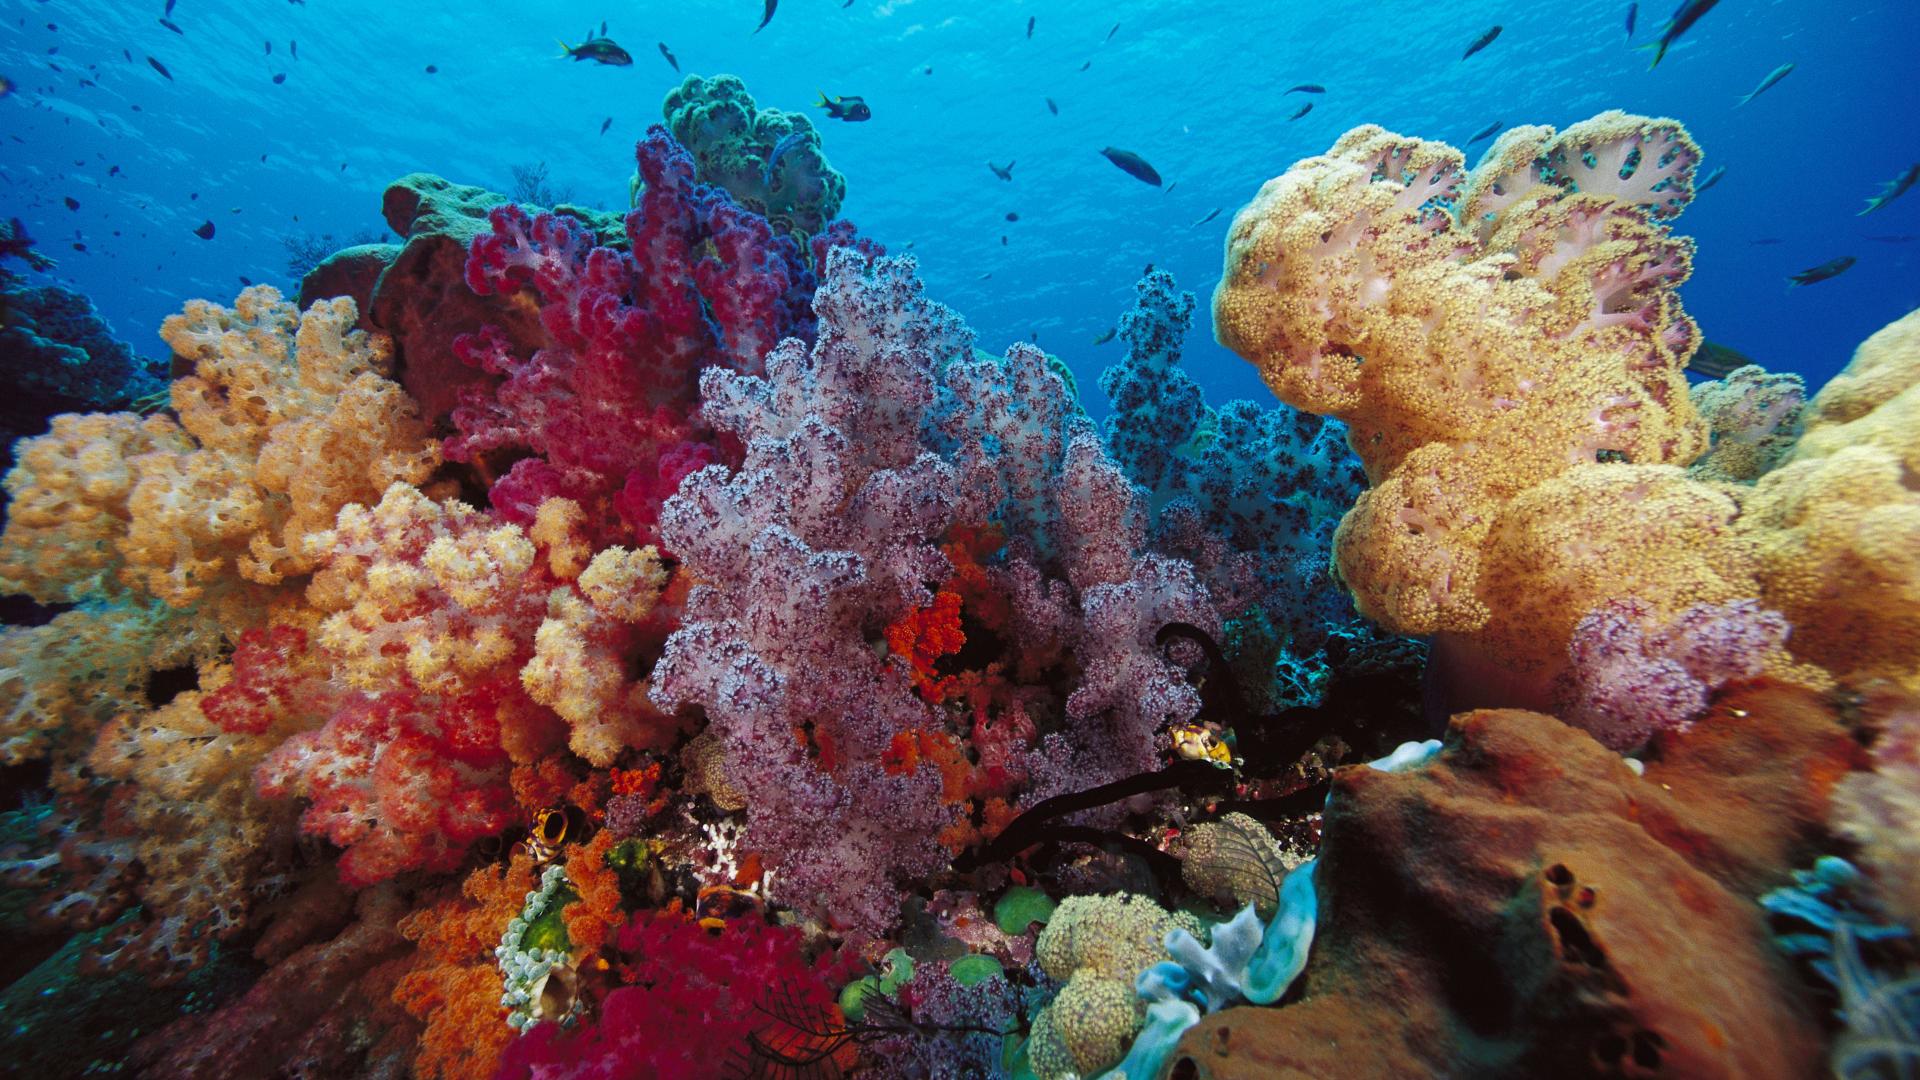 Animal – Sea Life Ocean Nature Reef Fish Wallpaper